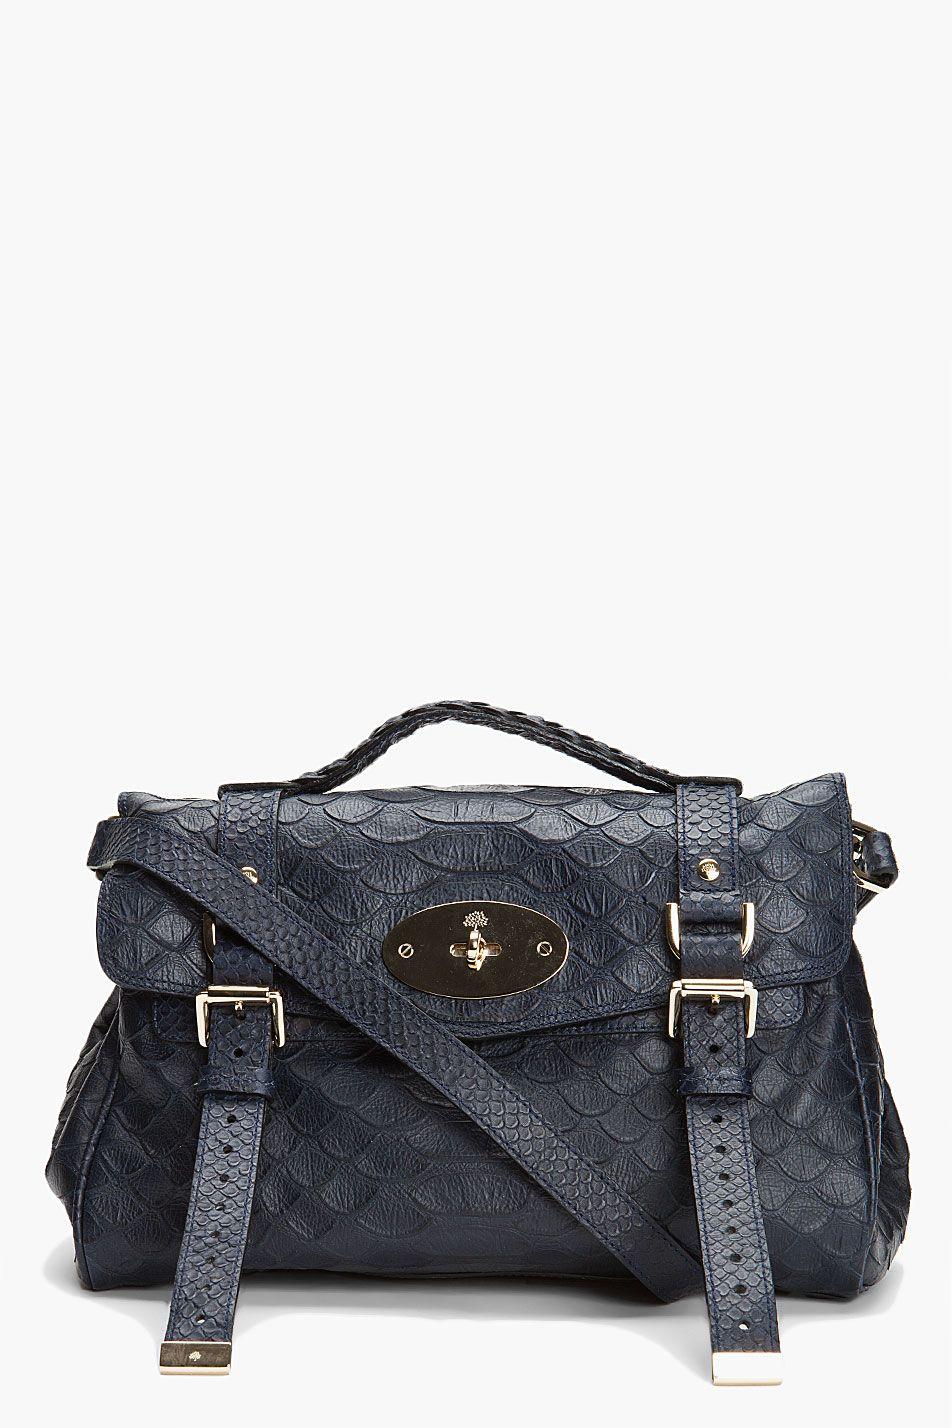 MULBERRY Alexa Messenger Bag! nextt purchase for sure!  ccaa9aa91d90f